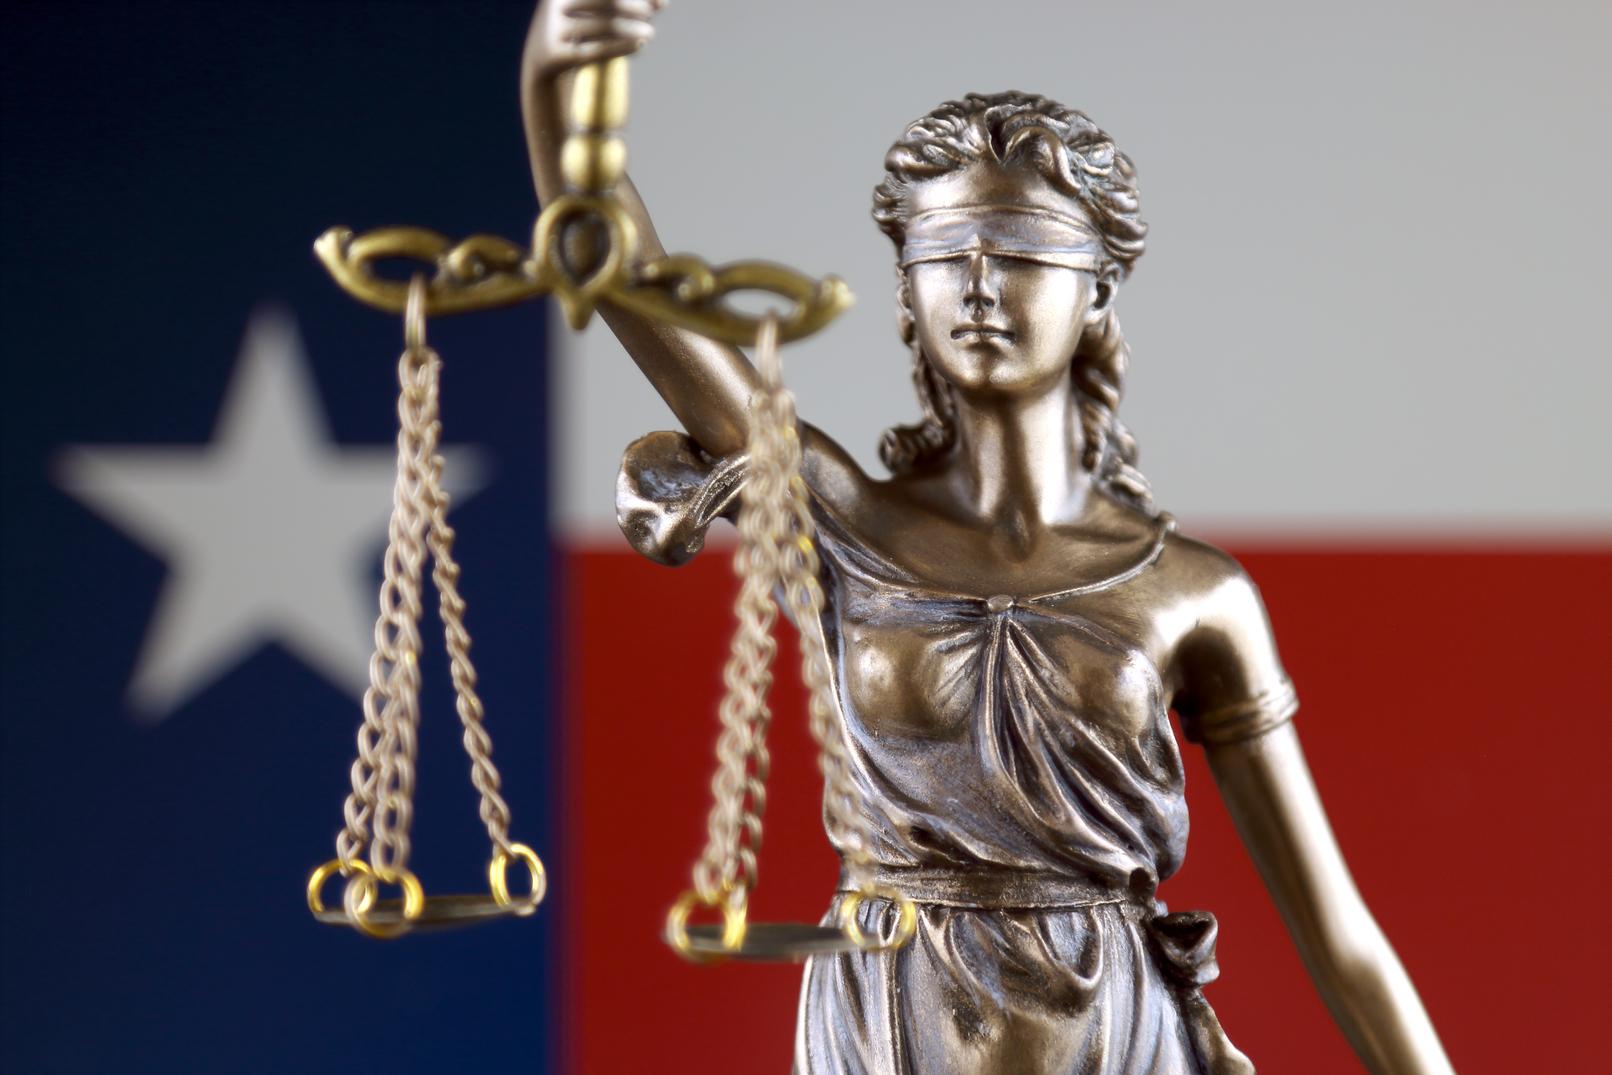 Milf judge and her sex verdict